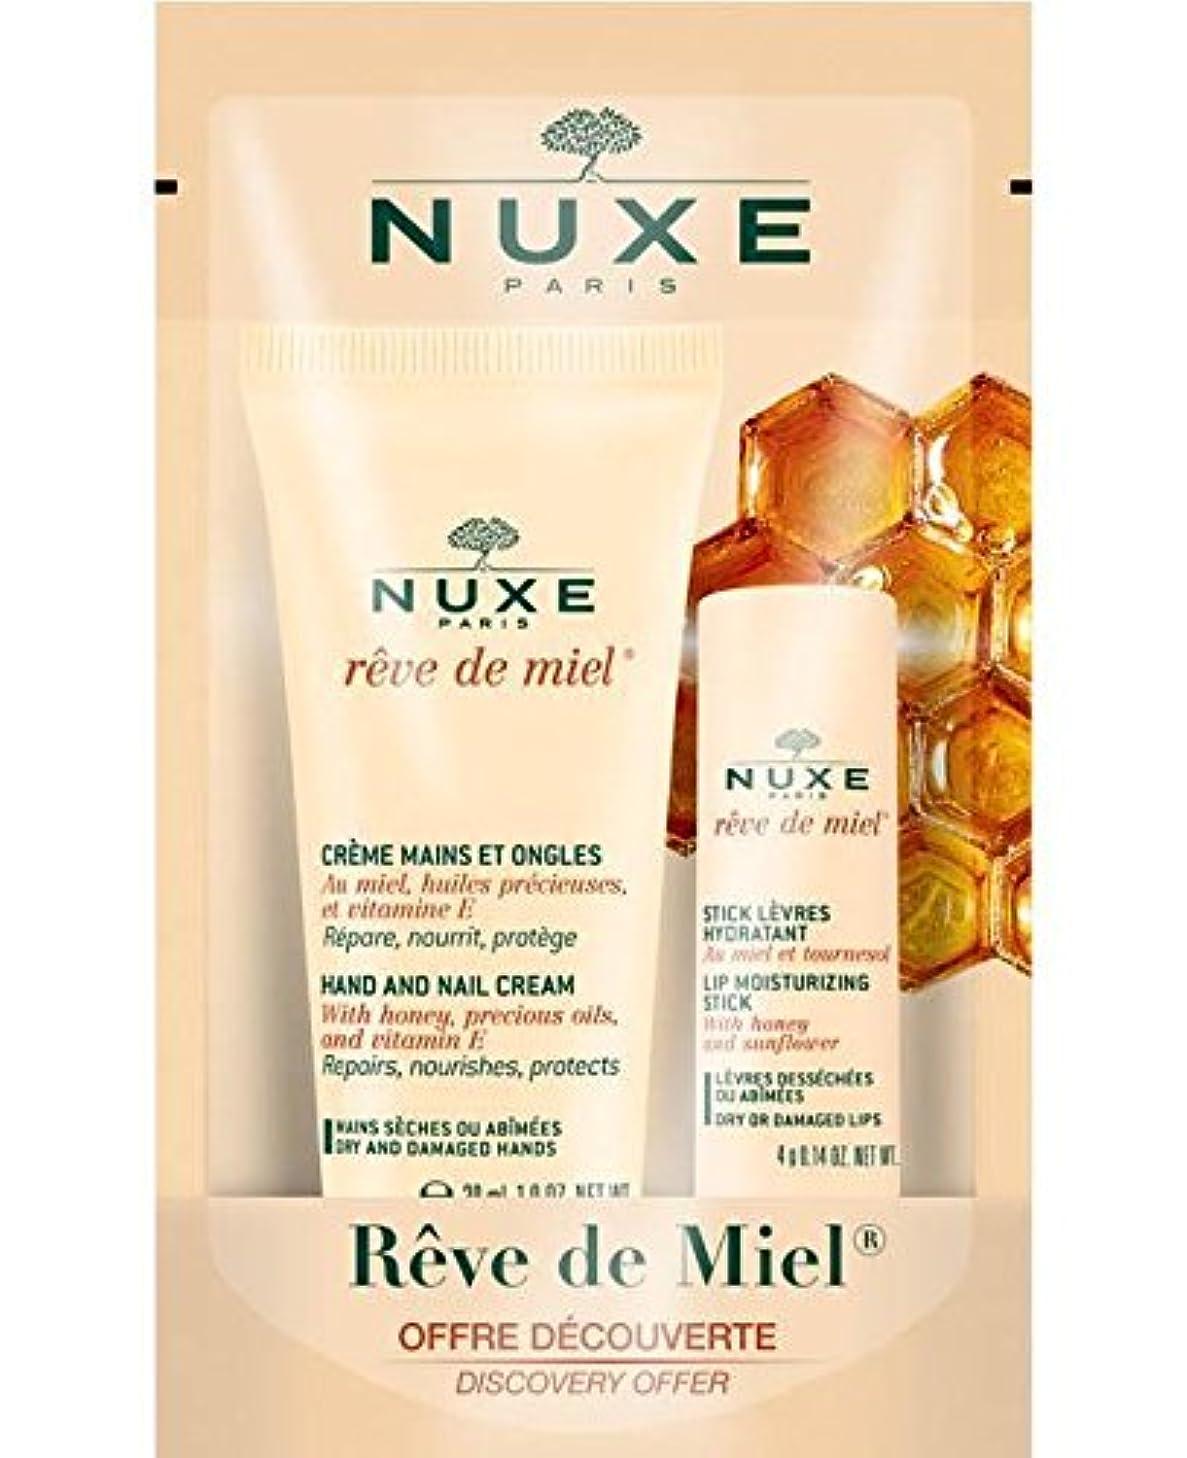 化学一見松の木ニュクス[NUXE] レーブドミエル ハンド&ネイル クリーム 30mlとレーブドミエル リップ モイスチャライジング スティック 4g 2本セット